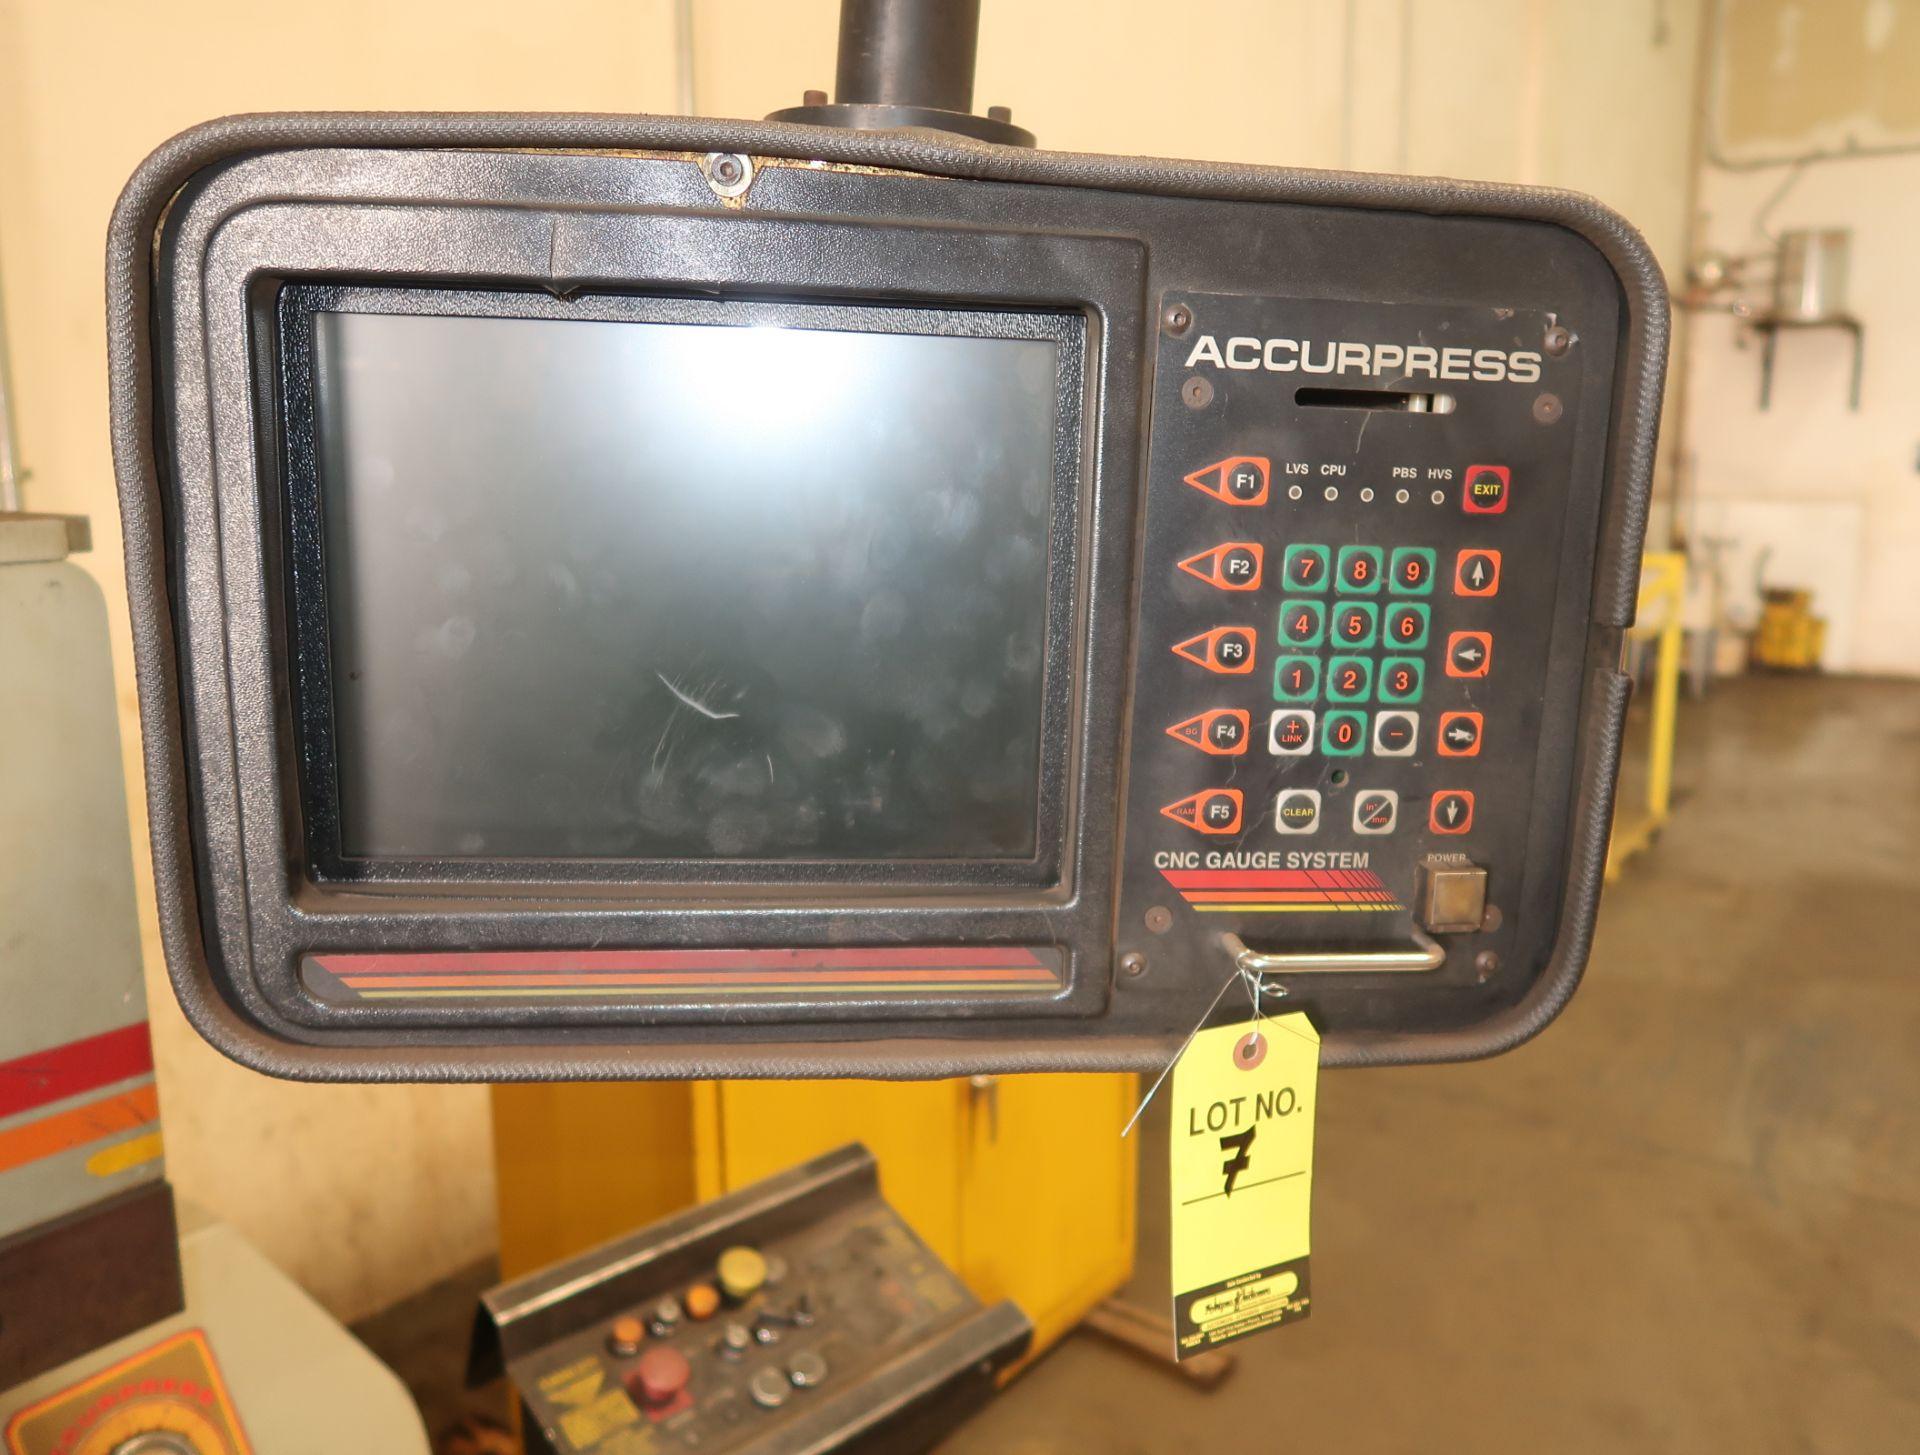 Lot 7 - ACCURPRESS 60TON X 6' CNC PRESS BRAKE MDL. 7606 SN. 3247